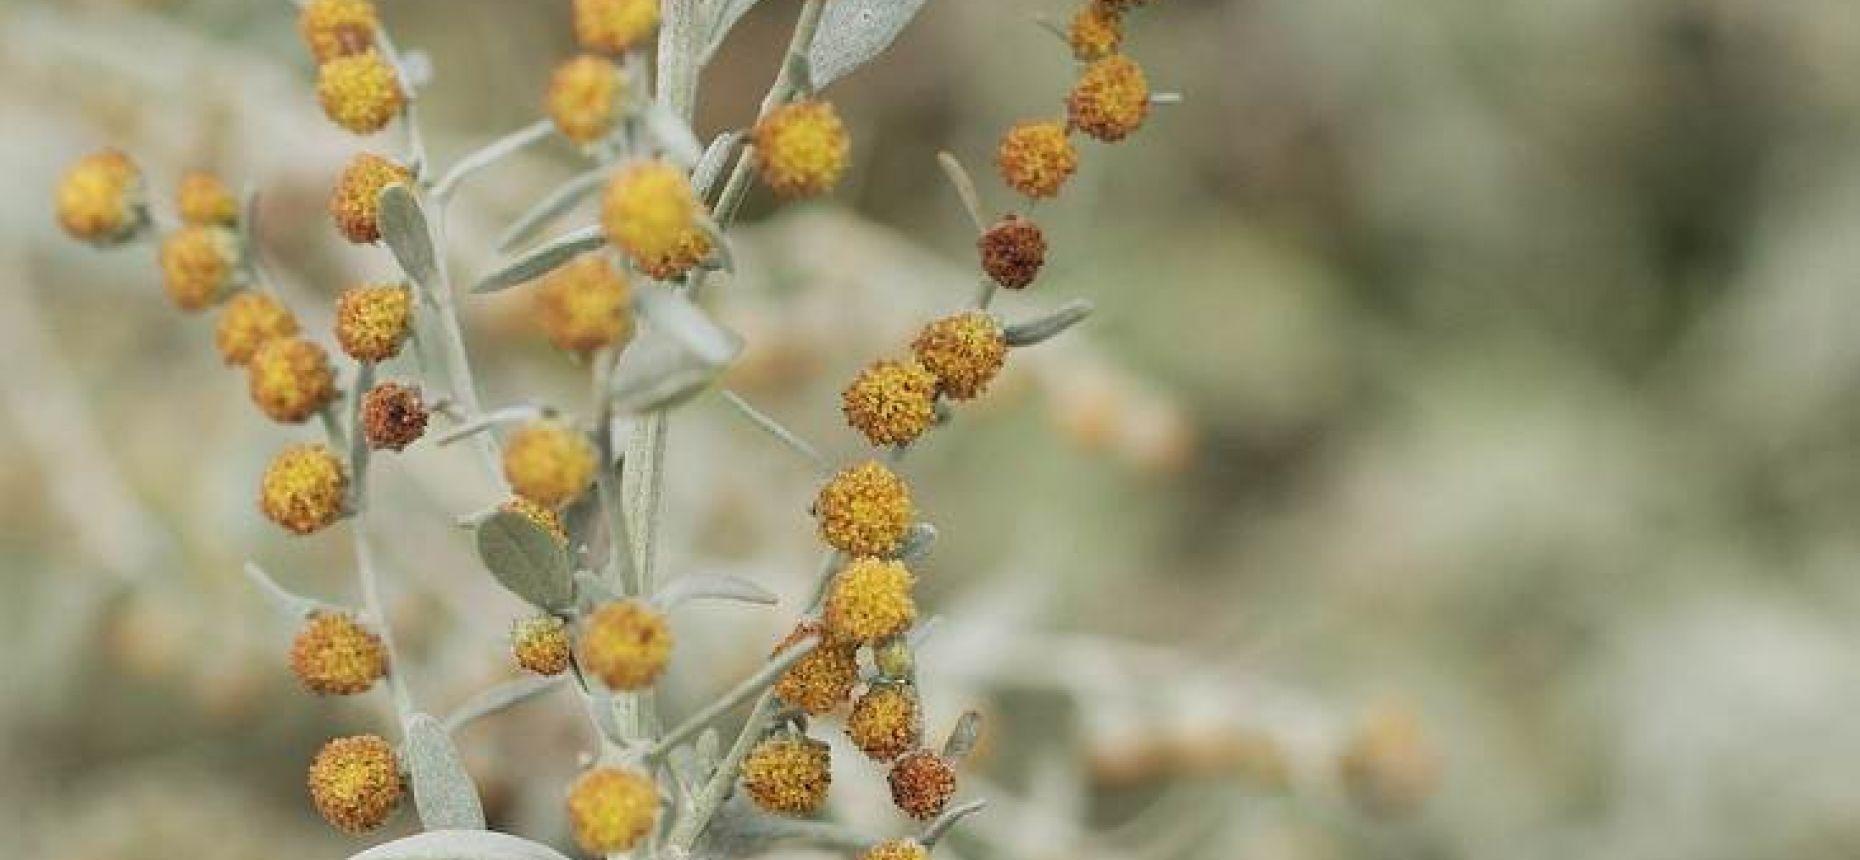 Полынь австрийская - Artemisia austriaca Jacq.